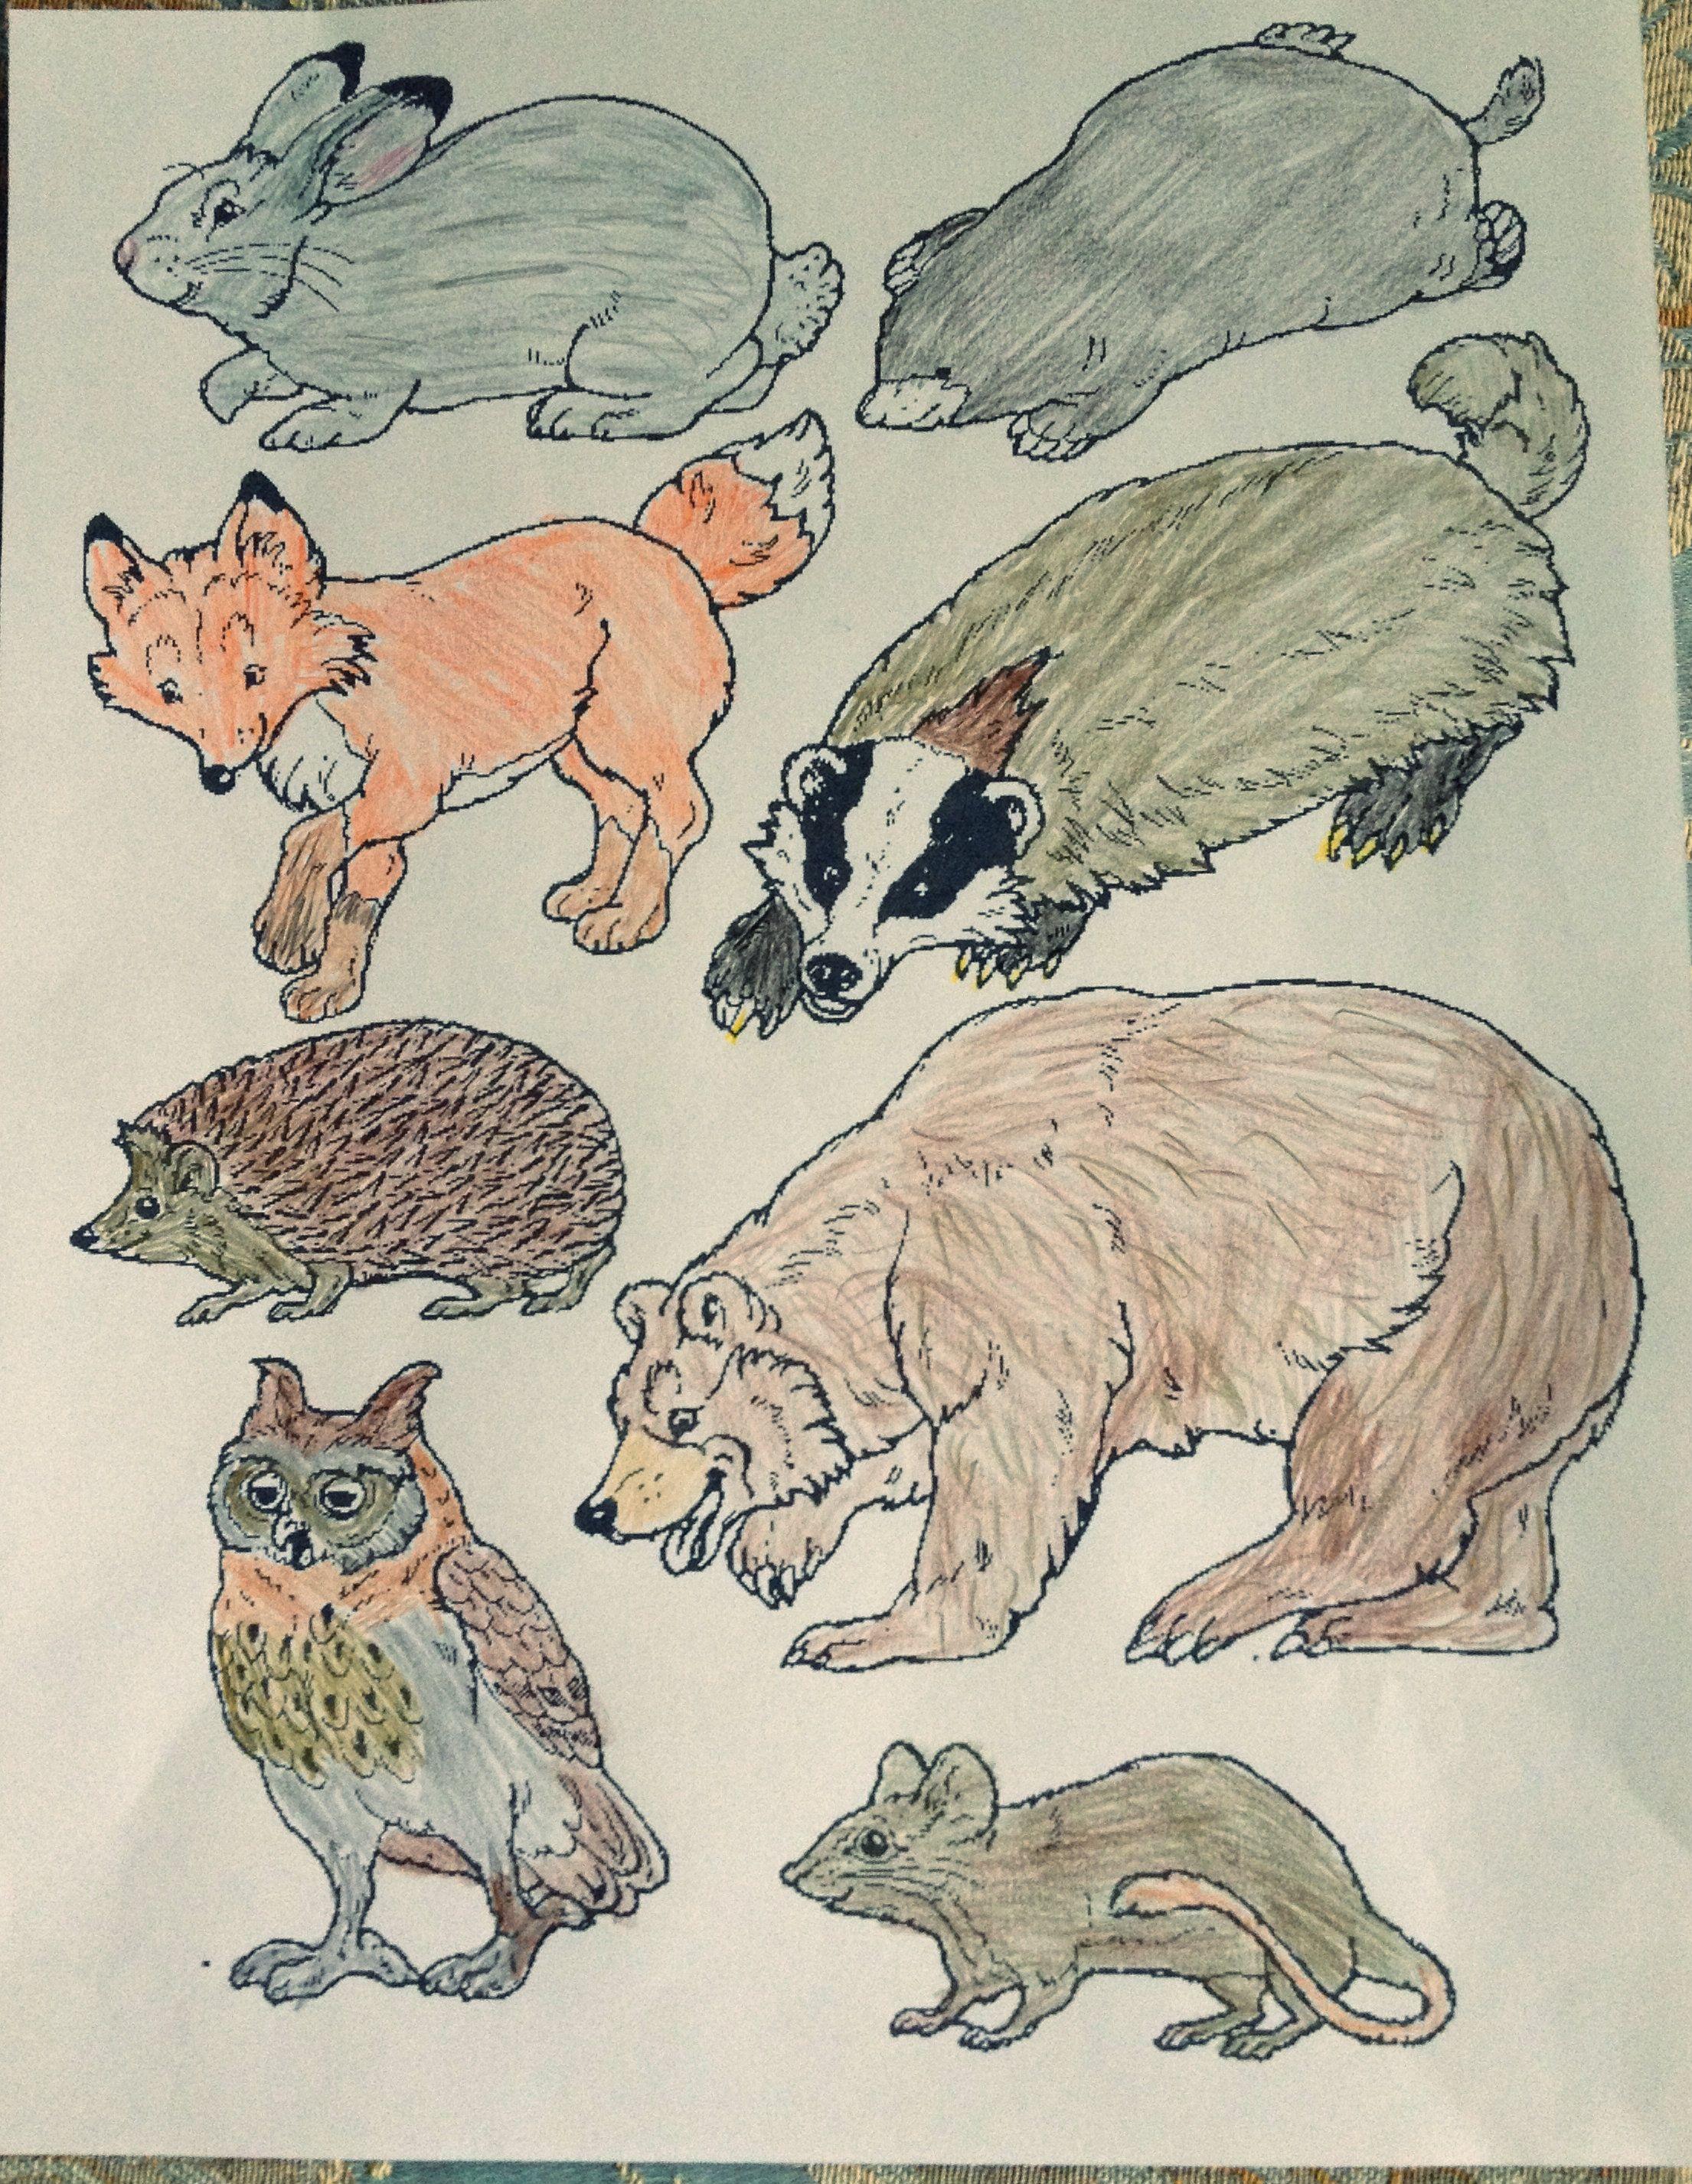 The Mitten Animalslink to print mitten and animals